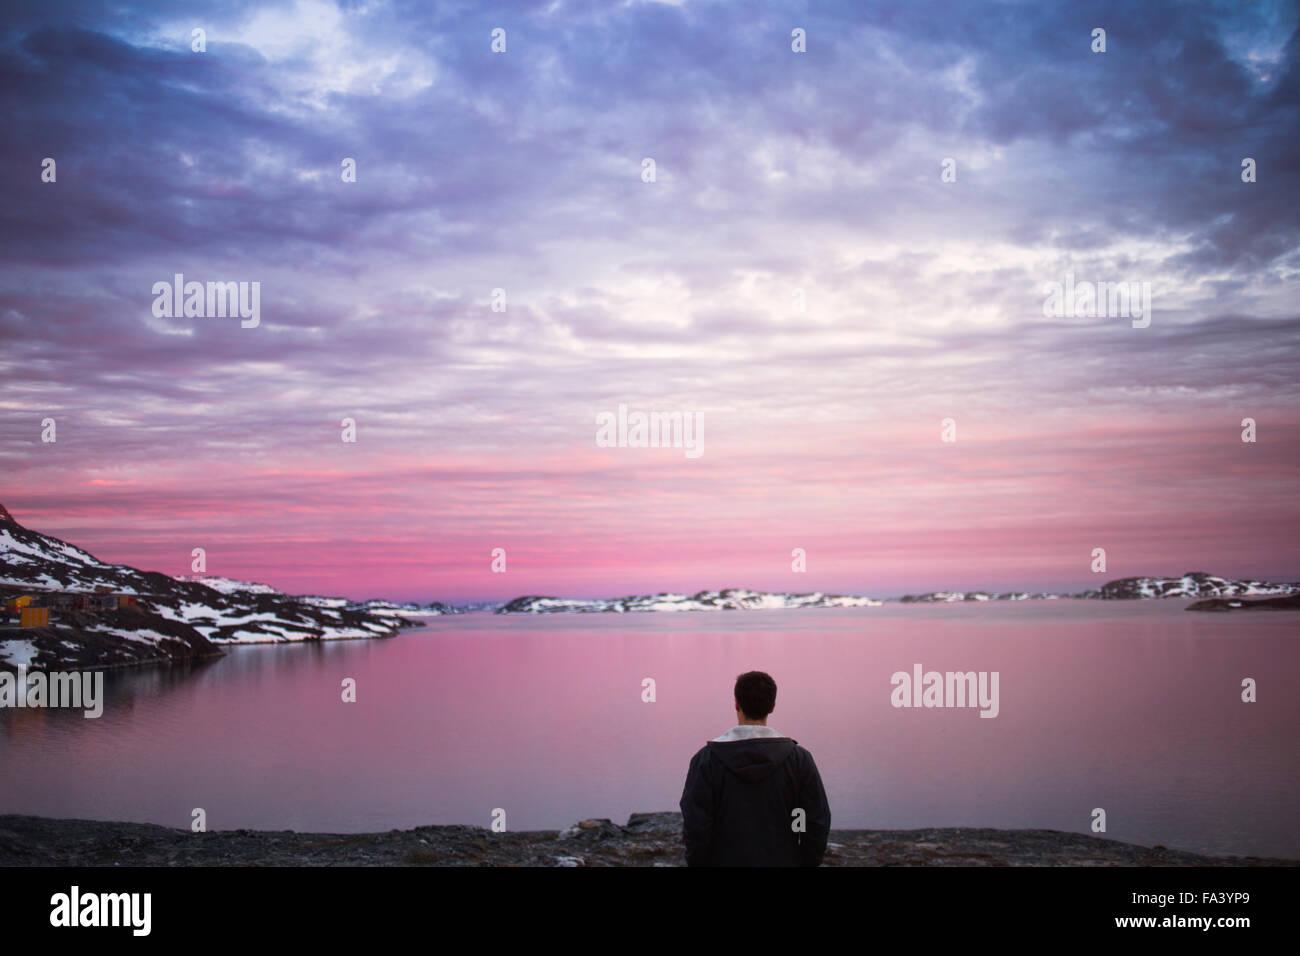 Vista posteriore del giovane uomo sulla riva godendo la vista al tramonto durante il periodo invernale Immagini Stock